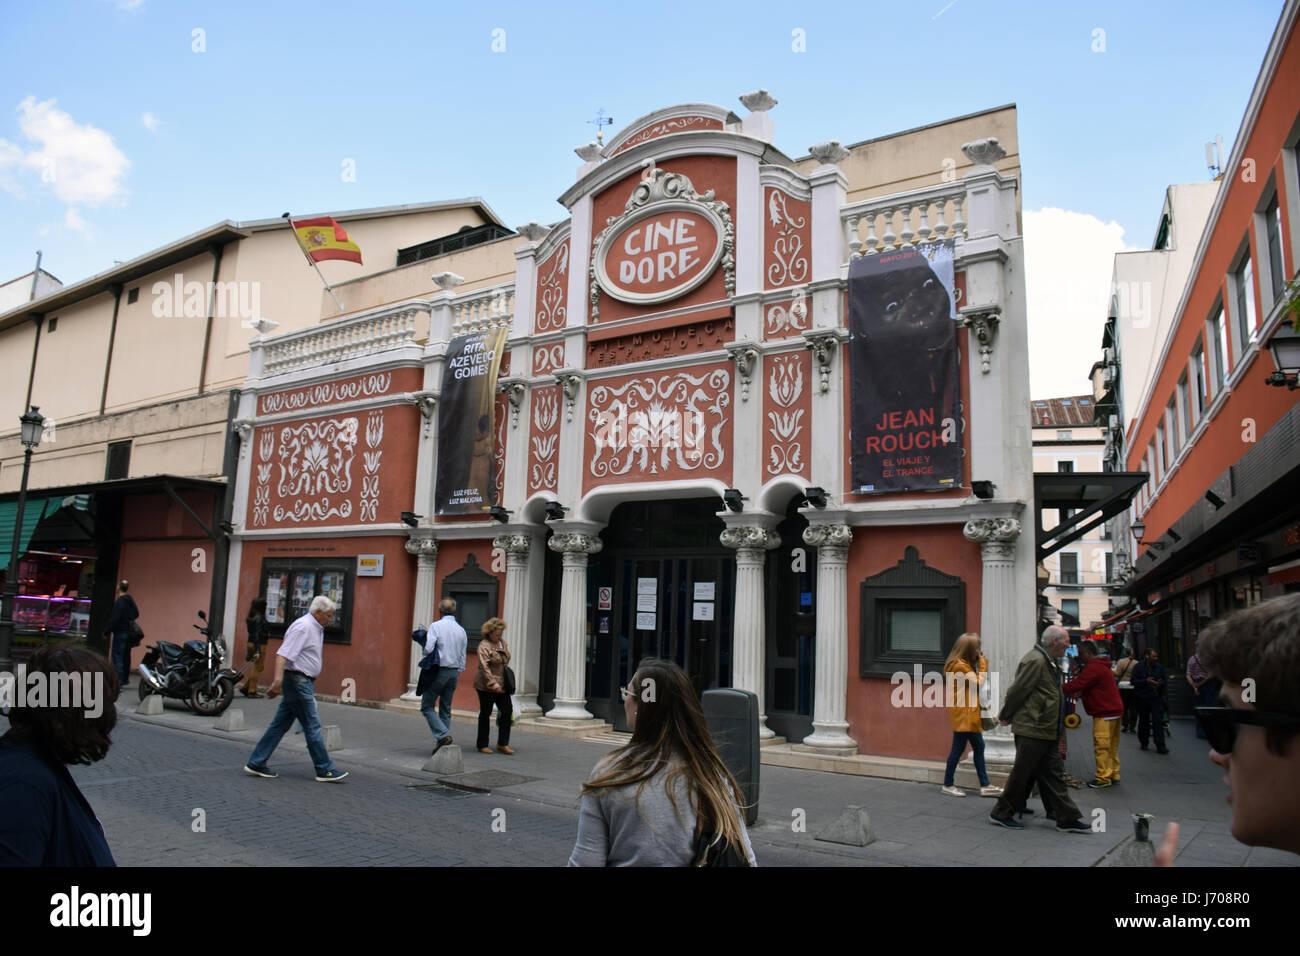 Cine Doré, el cine más antiguo de Madrid, que datan de 1922, España Imagen De Stock